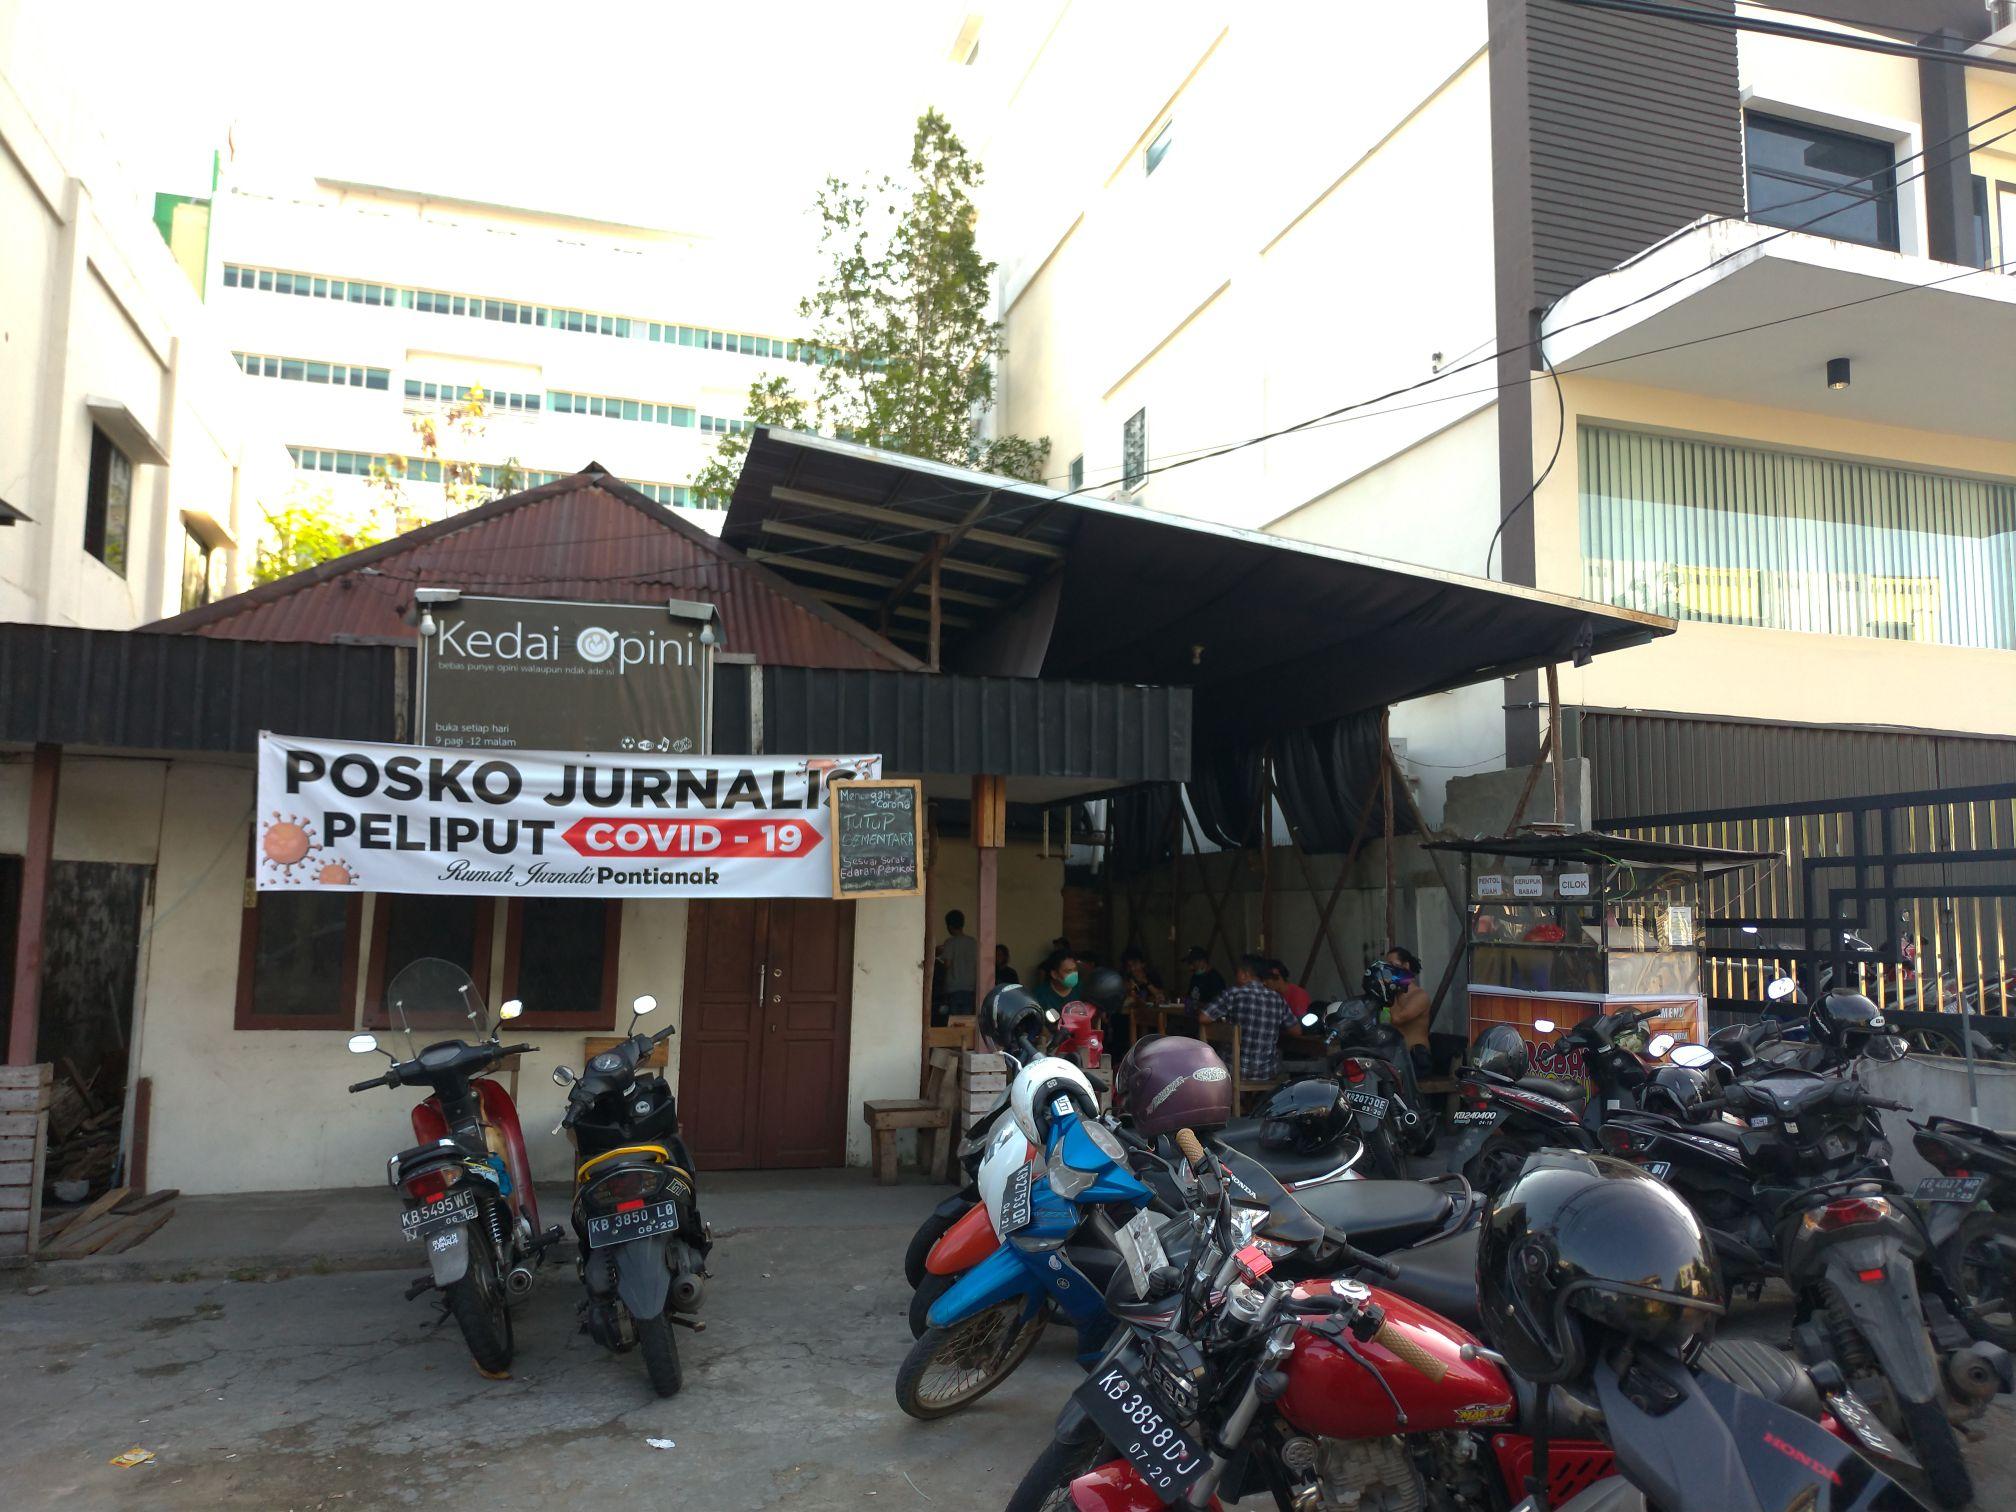 rumah jurnalis pontianak